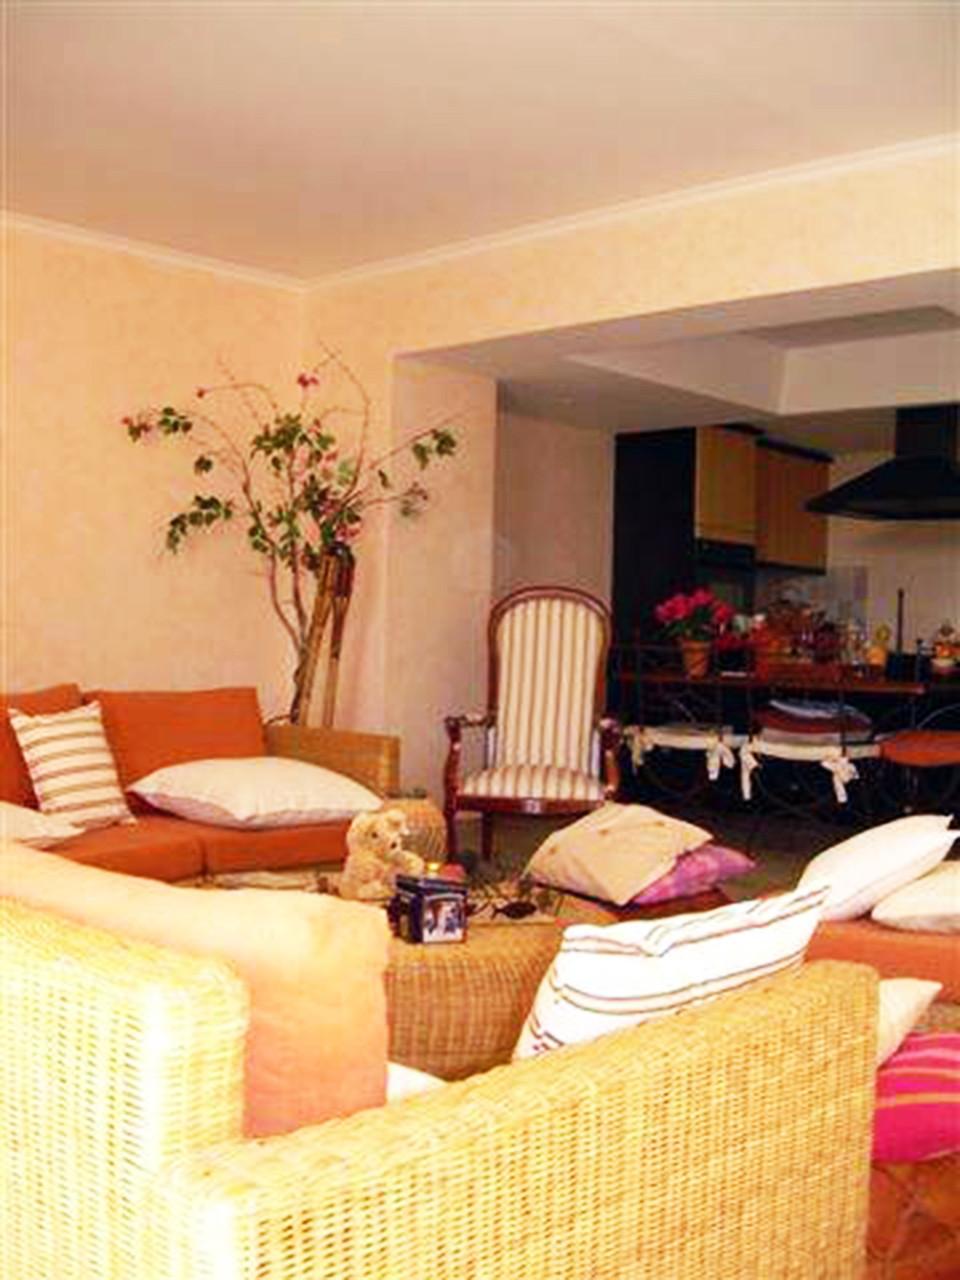 tapissier d ameublement marseille atelier refection de fauteuil et canape par artisan. Black Bedroom Furniture Sets. Home Design Ideas